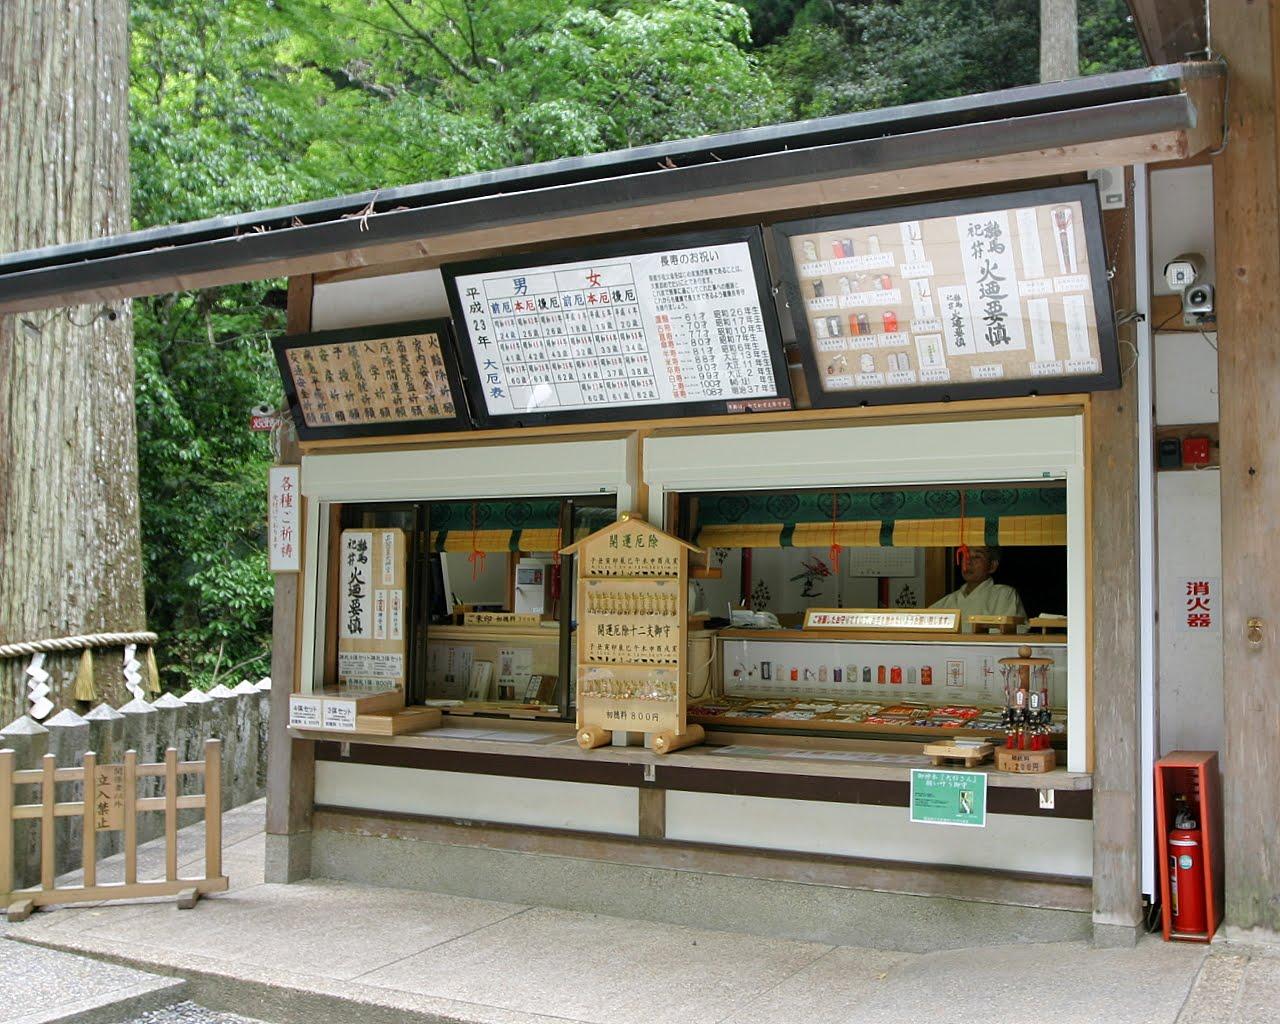 跟著相機去旅行: 【補充】日本神社簡介